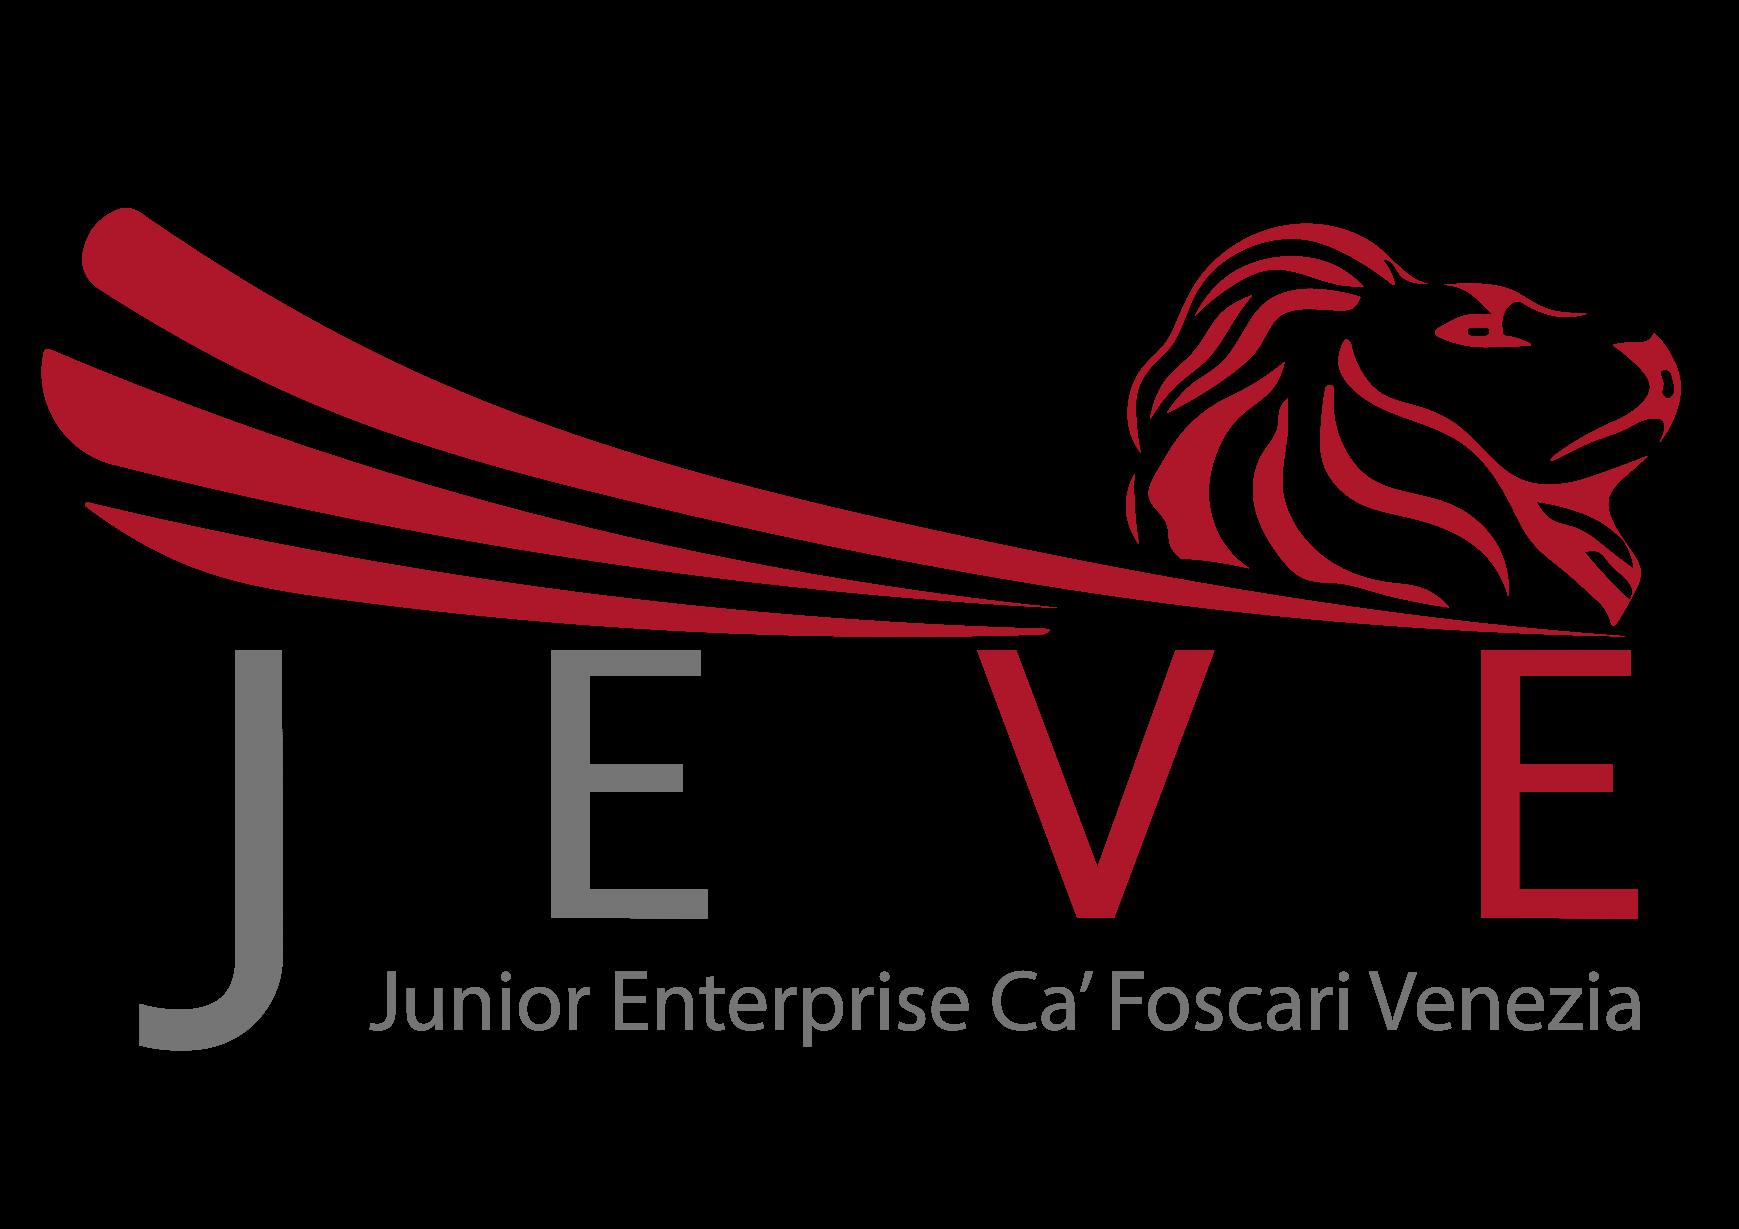 JEVE Ca' Foscari Venezia